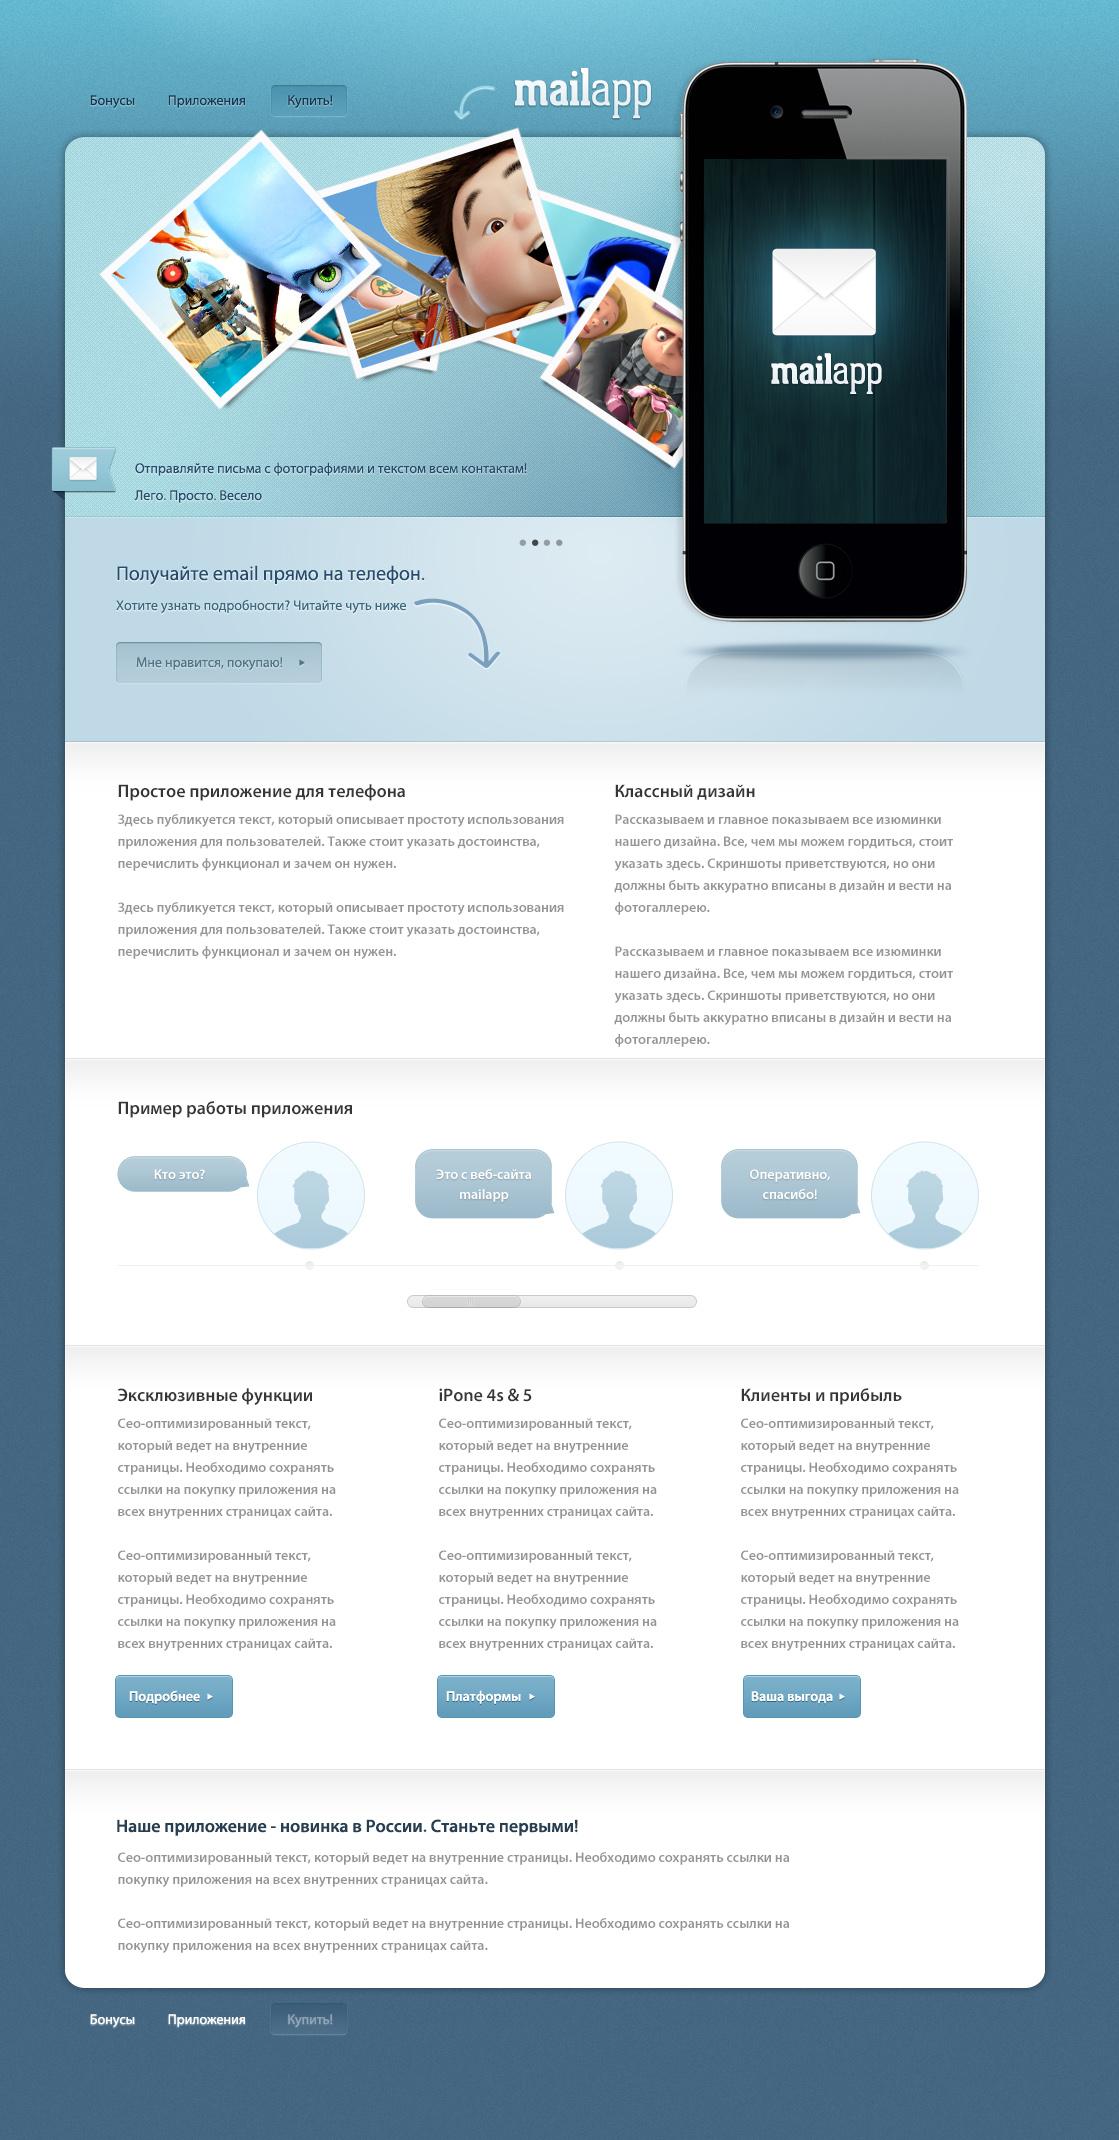 Сайты для смартфонов 2